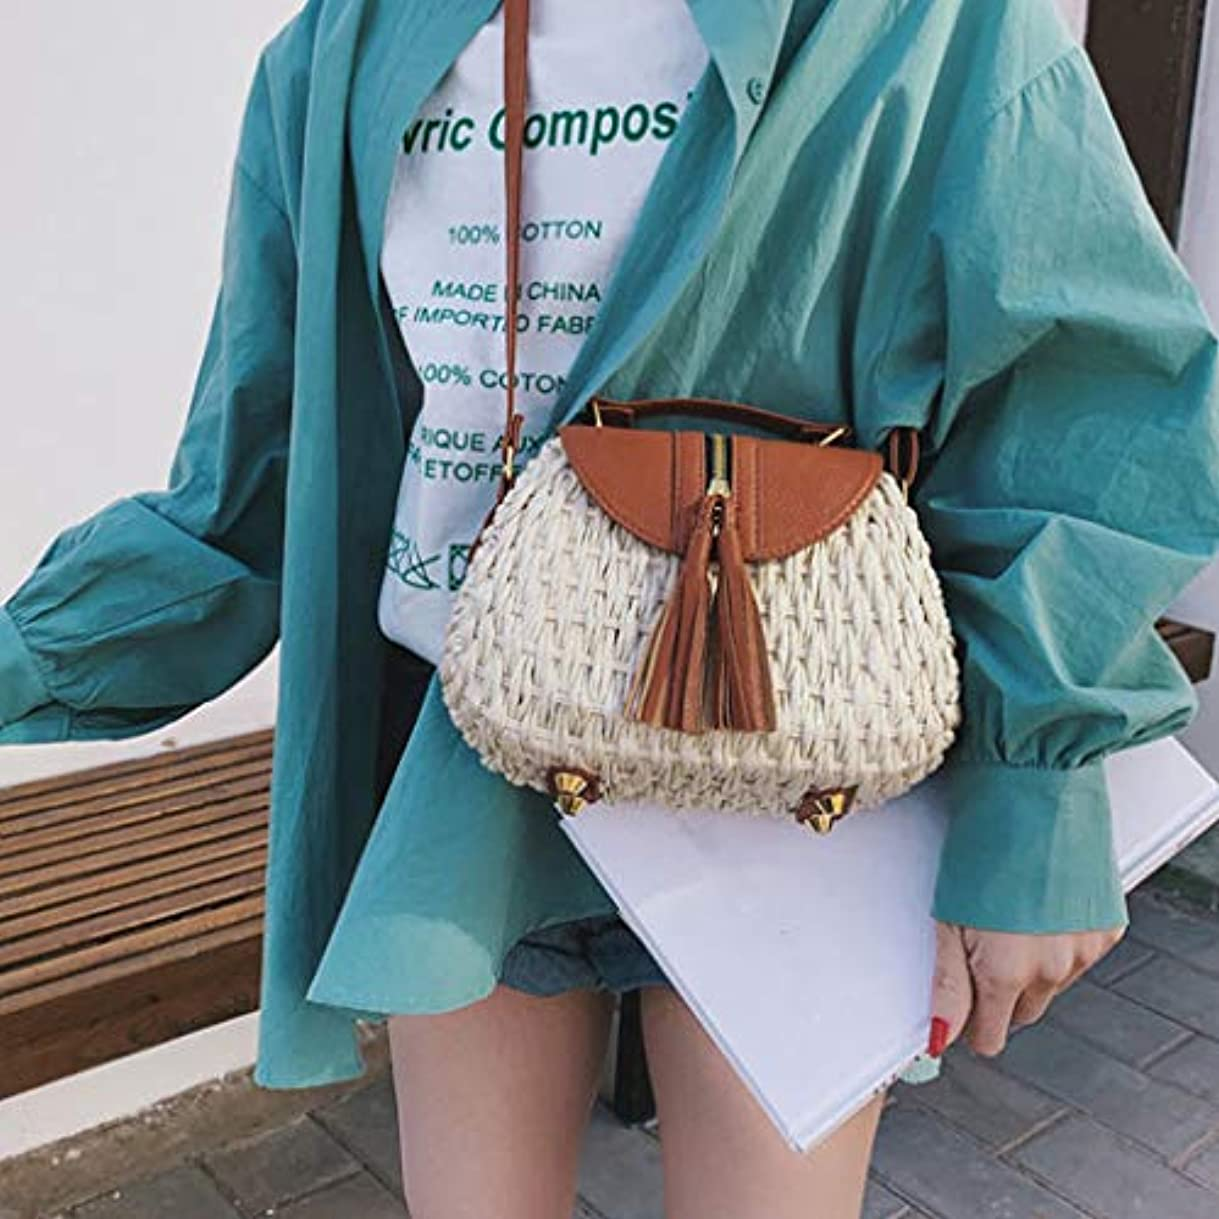 裁判所インフラミネラル女性の流行のタッセルはショルダー?バッグ、女性浜の余暇のクロスボディ袋を織ります、女性のタッセルは浜様式のメッセンジャー袋を織ります、女性方法対照色のビーチ様式のメッセンジャー袋 (ベージュ)